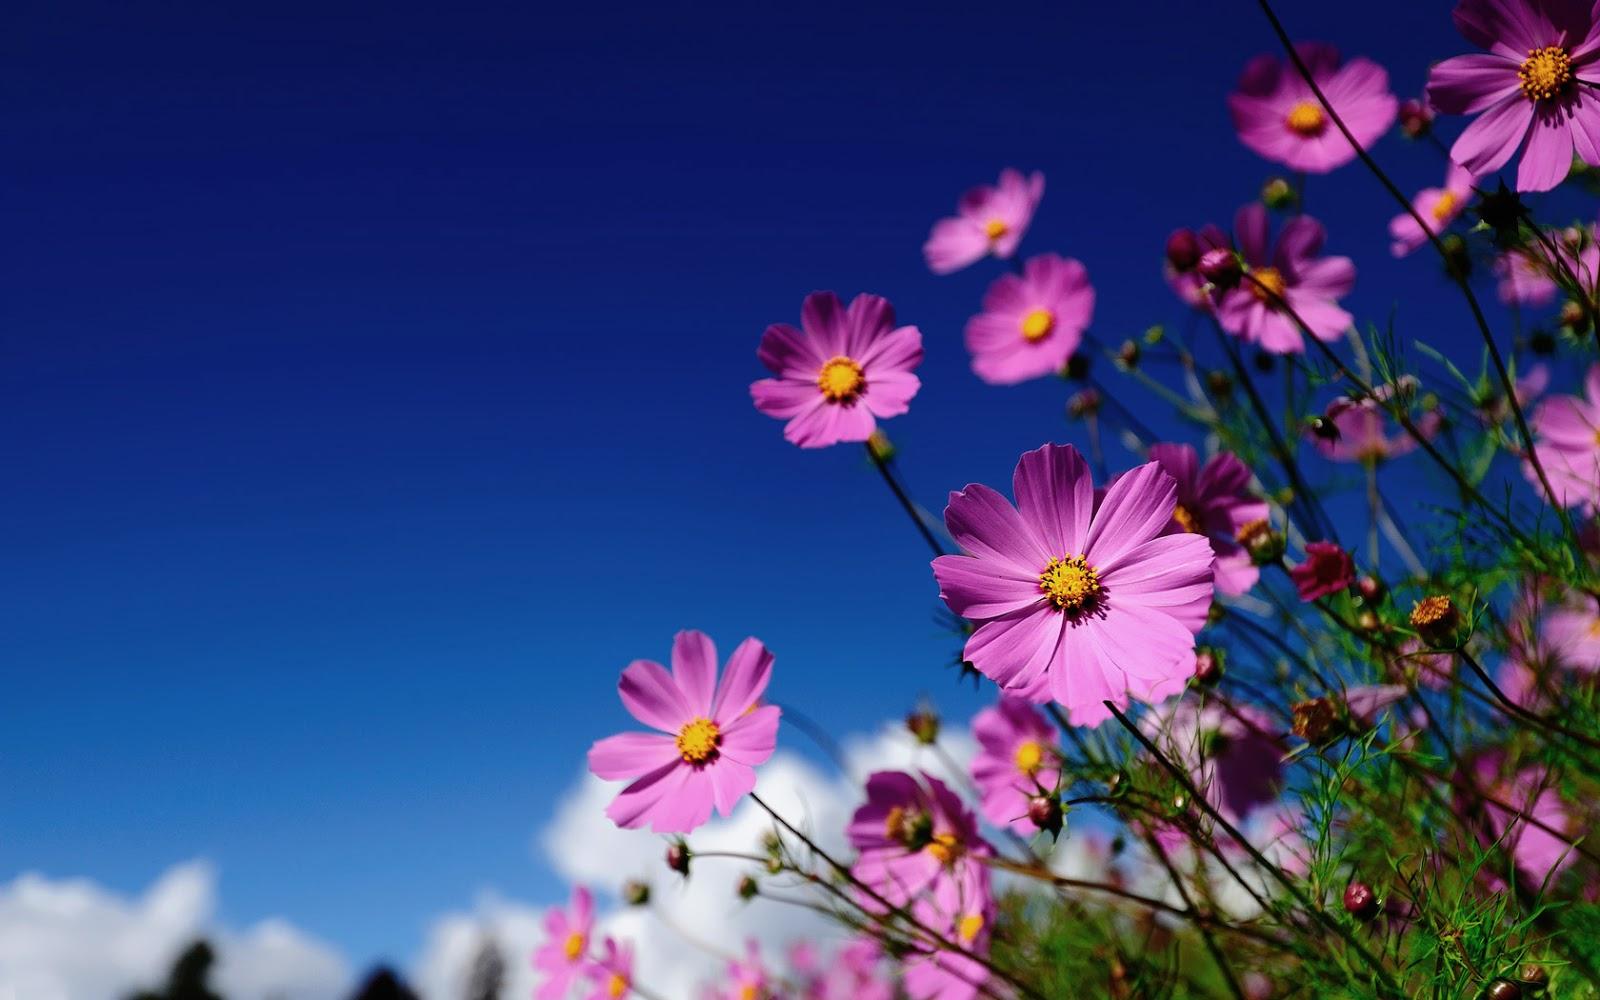 prachtige lente afbeeldingen